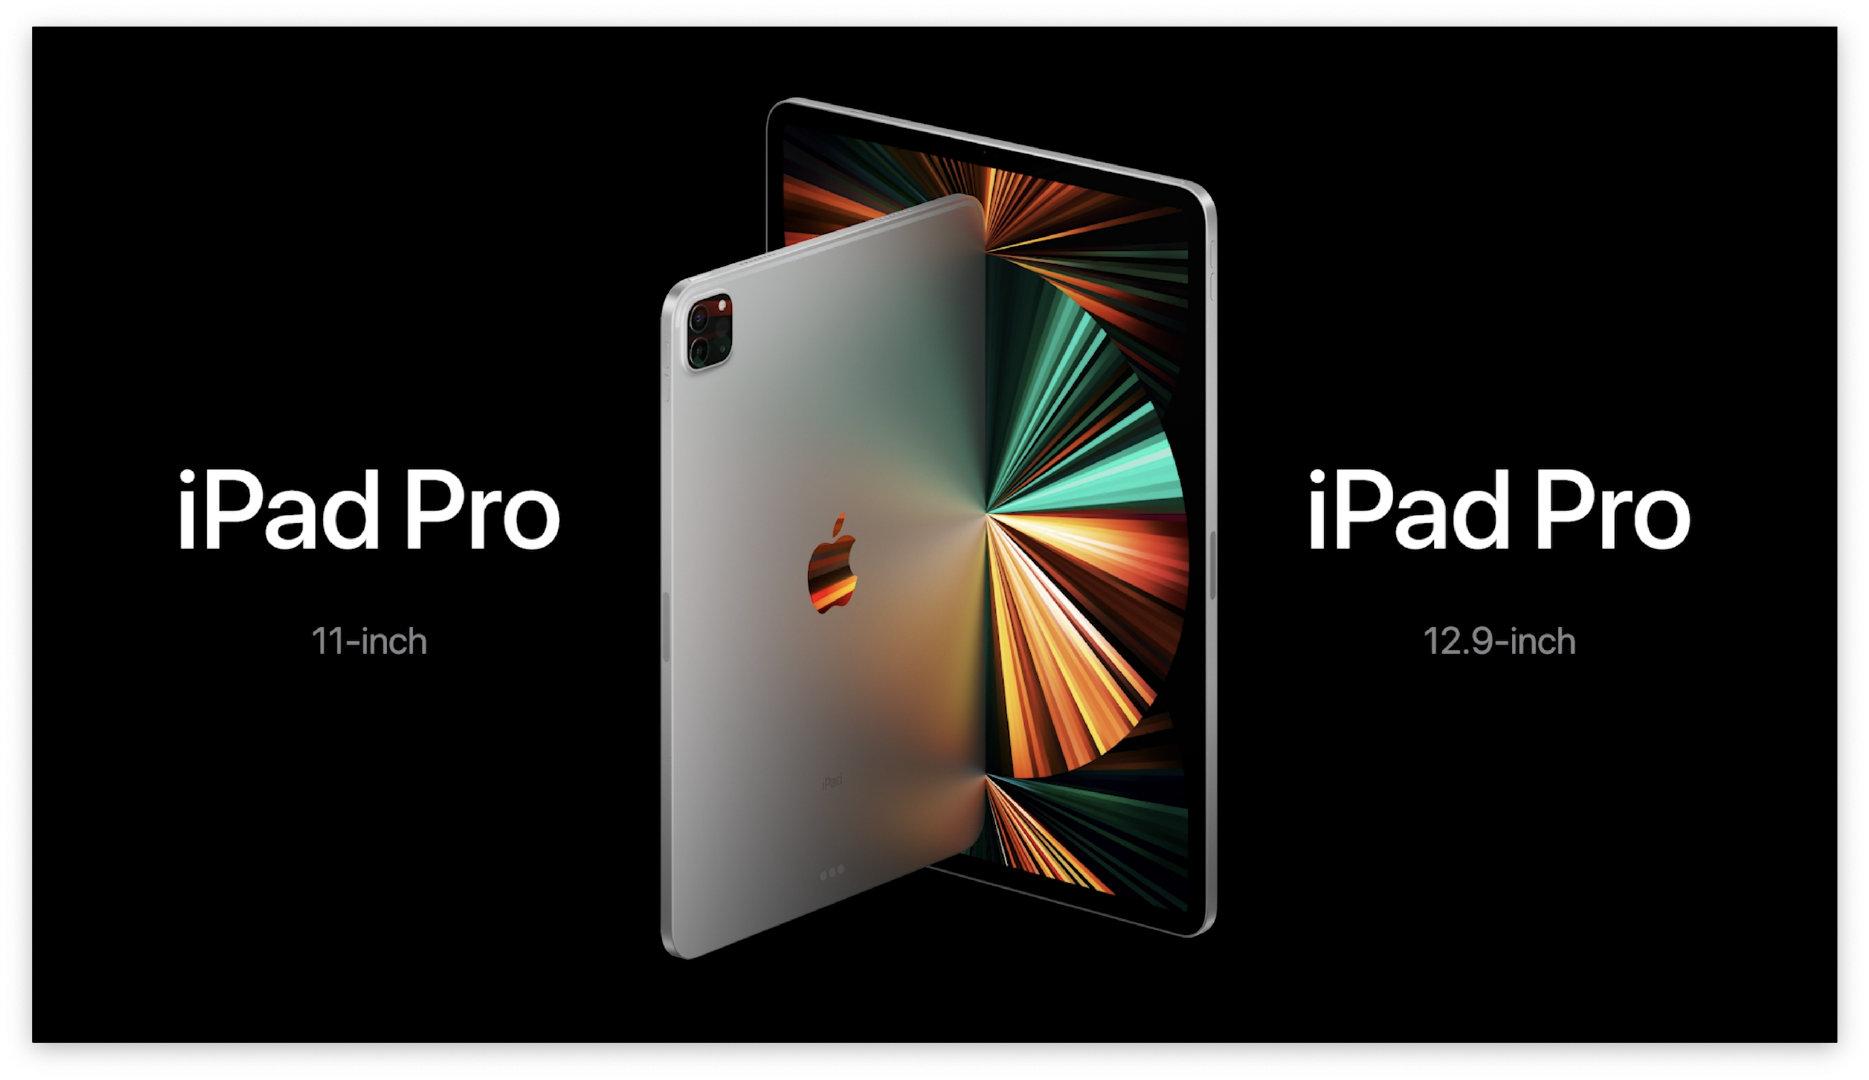 苹果发布全新iPad Pro搭载M1芯片售价799美元起